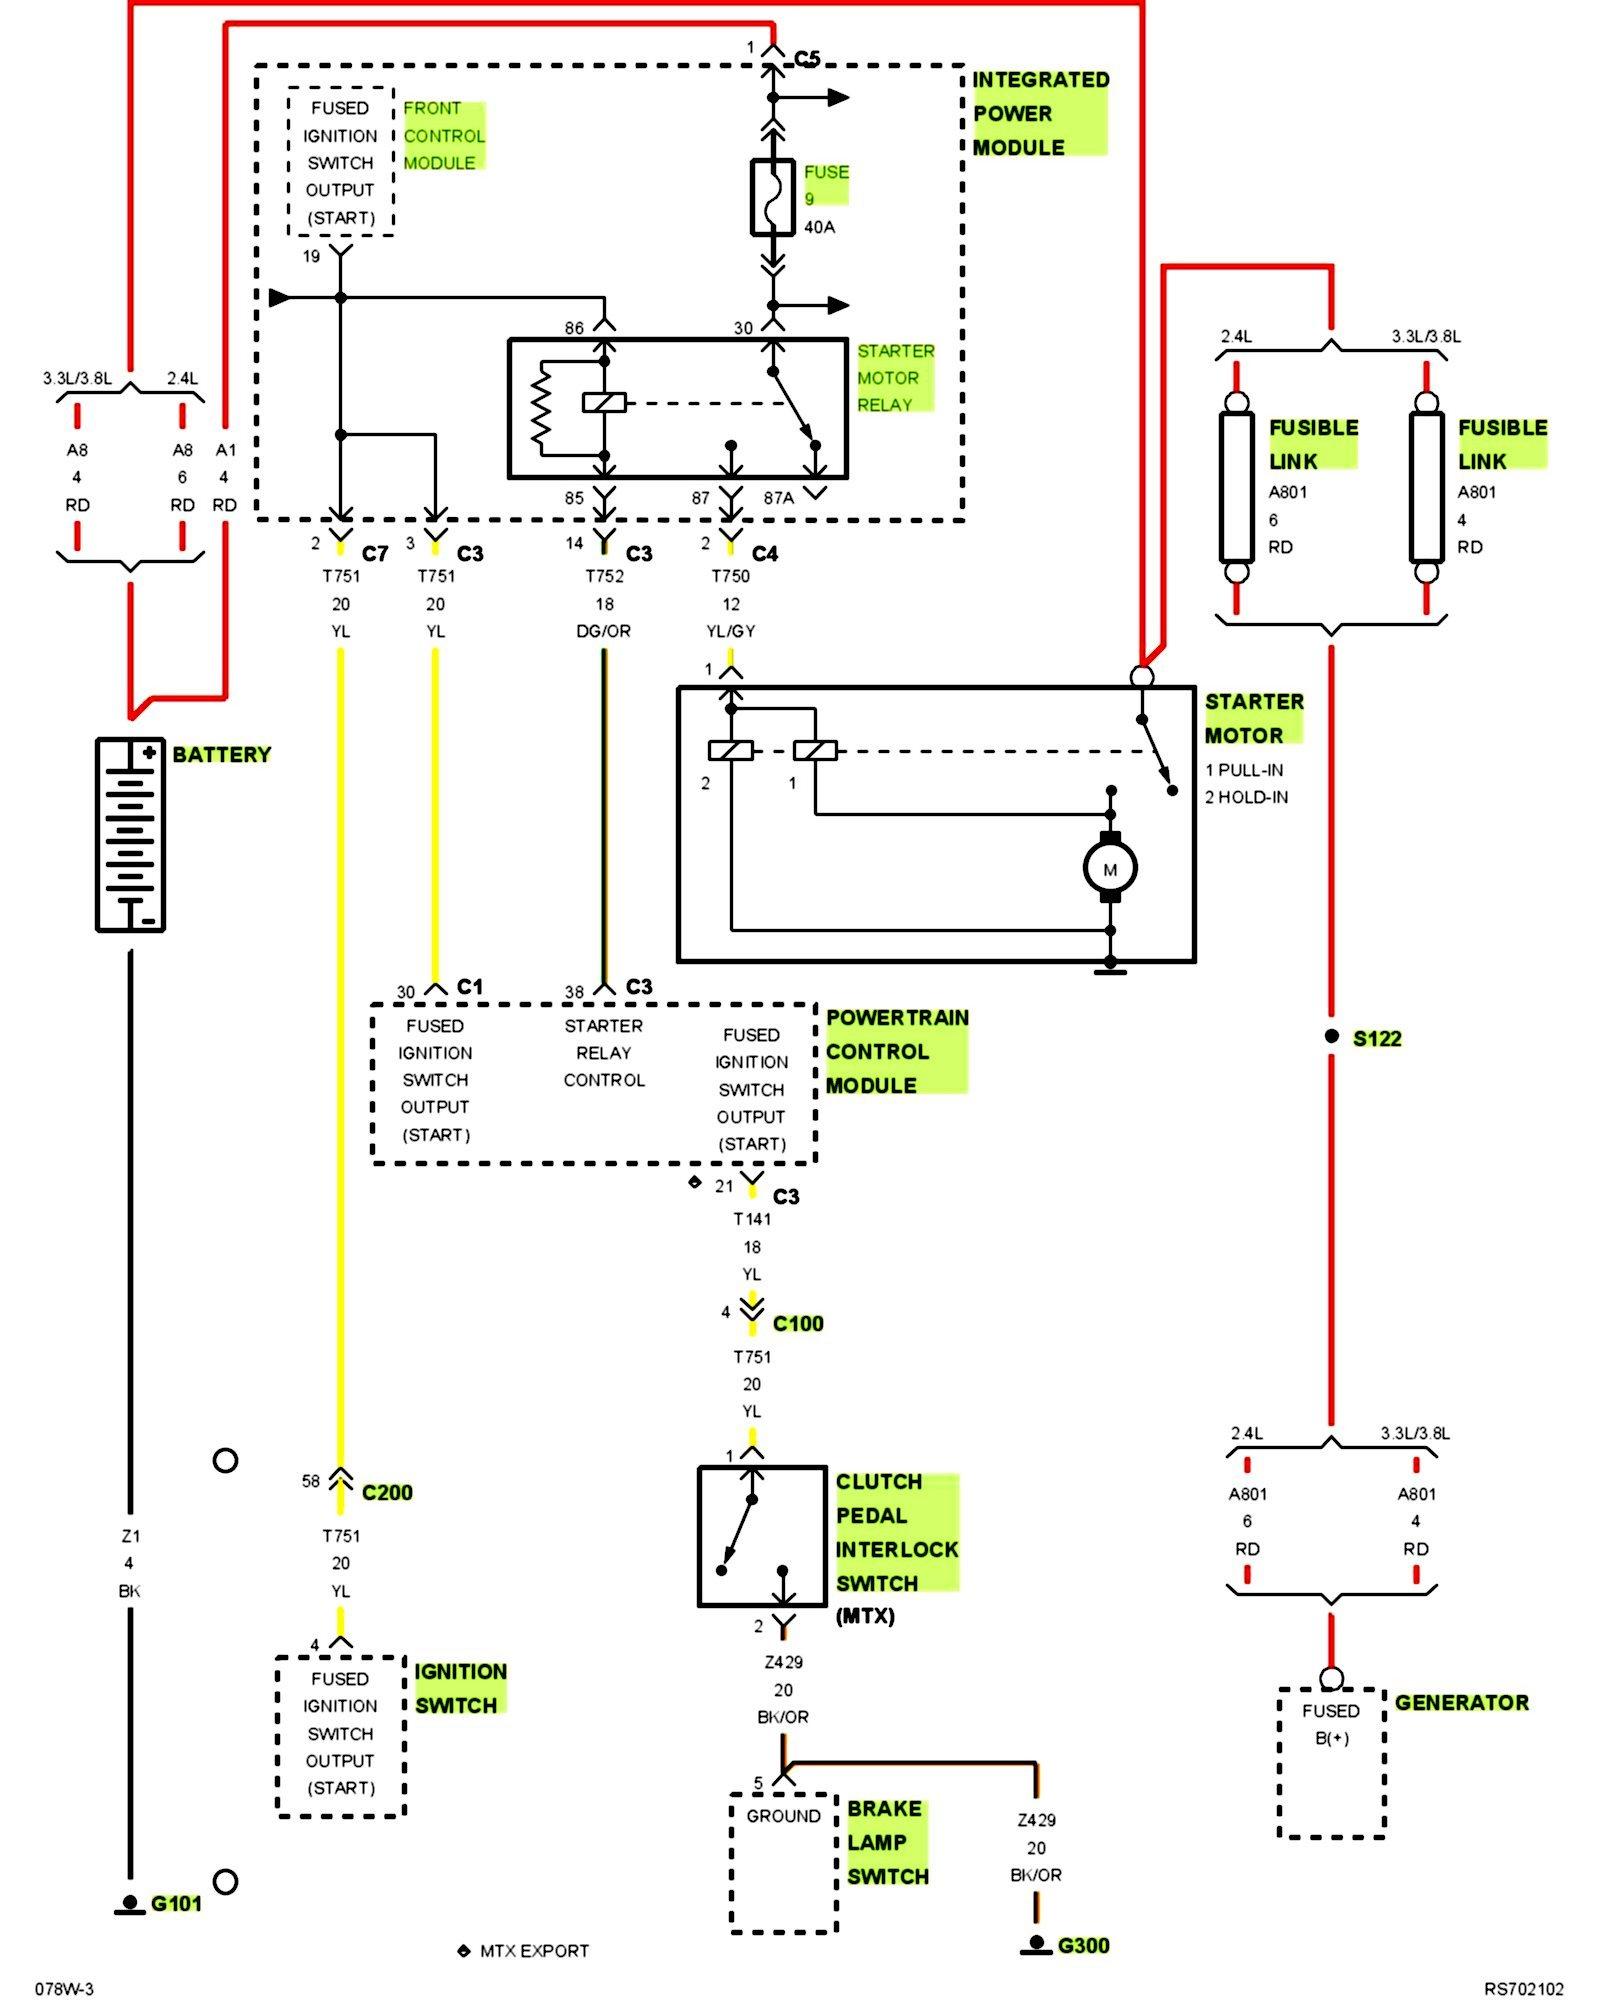 caravan wiring diagram caravan wiring diagrams online 2004 dodge caravan 3 8l wiring diagram